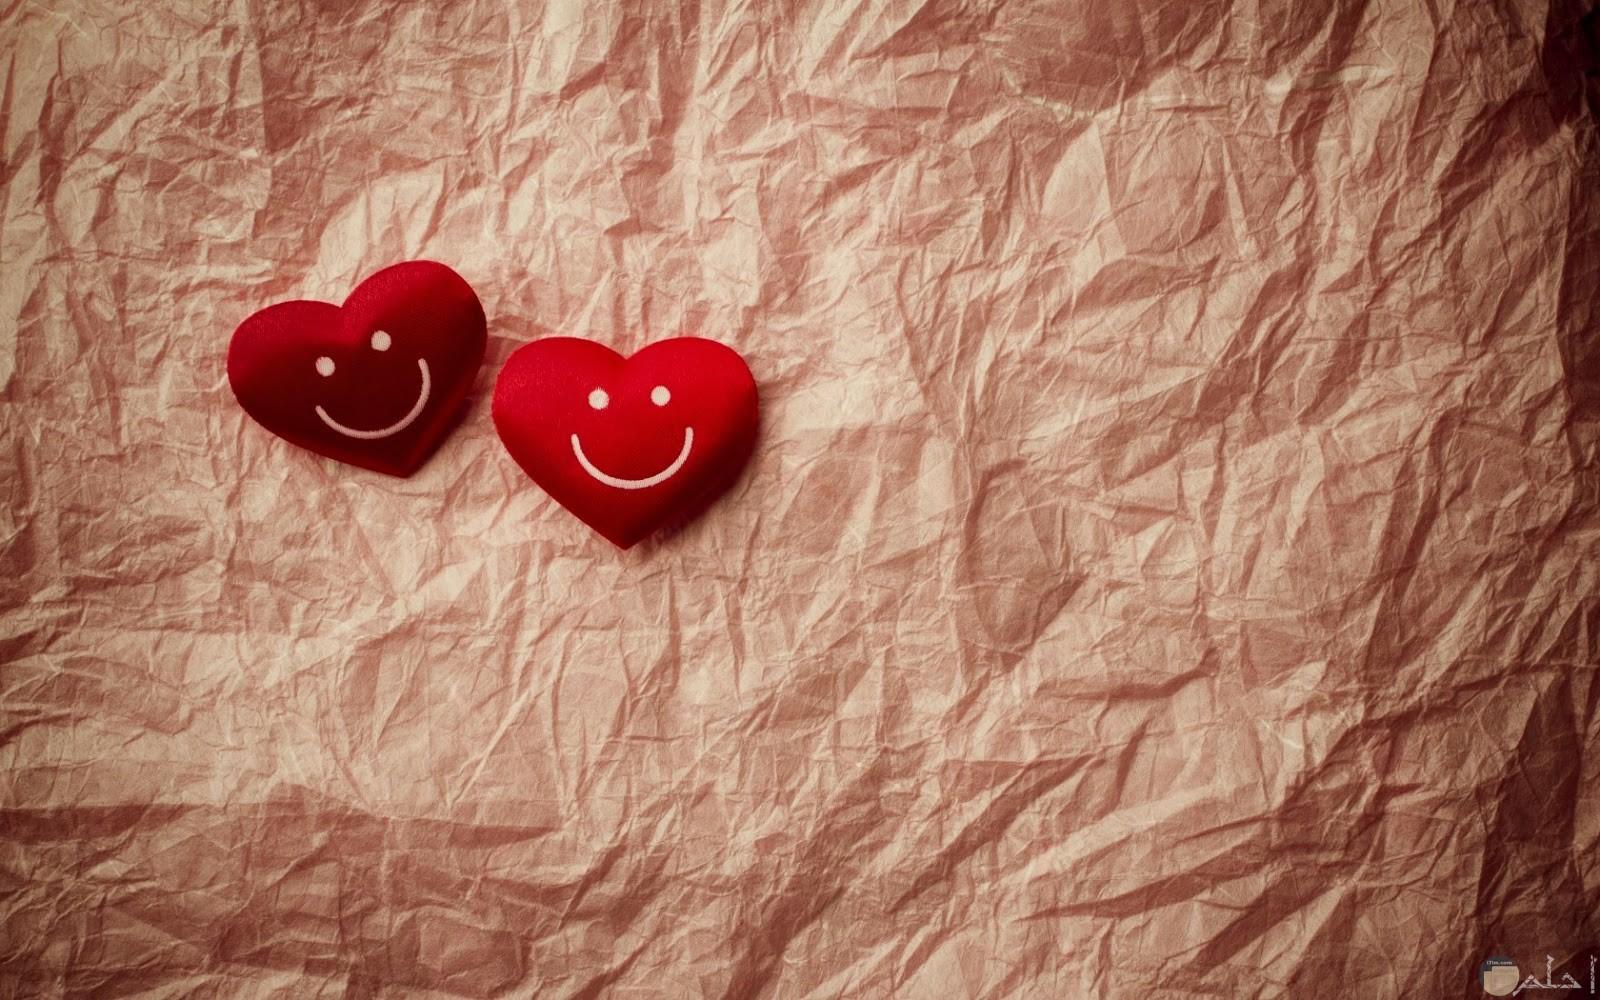 رمزية بسيطة و رقيقة عن الحب و الرومانسية.